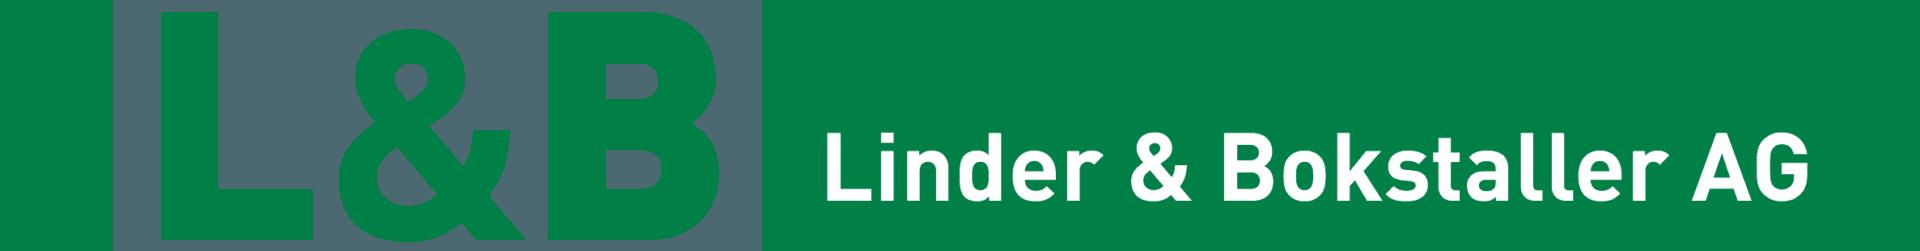 Linder & Bokstaller AG